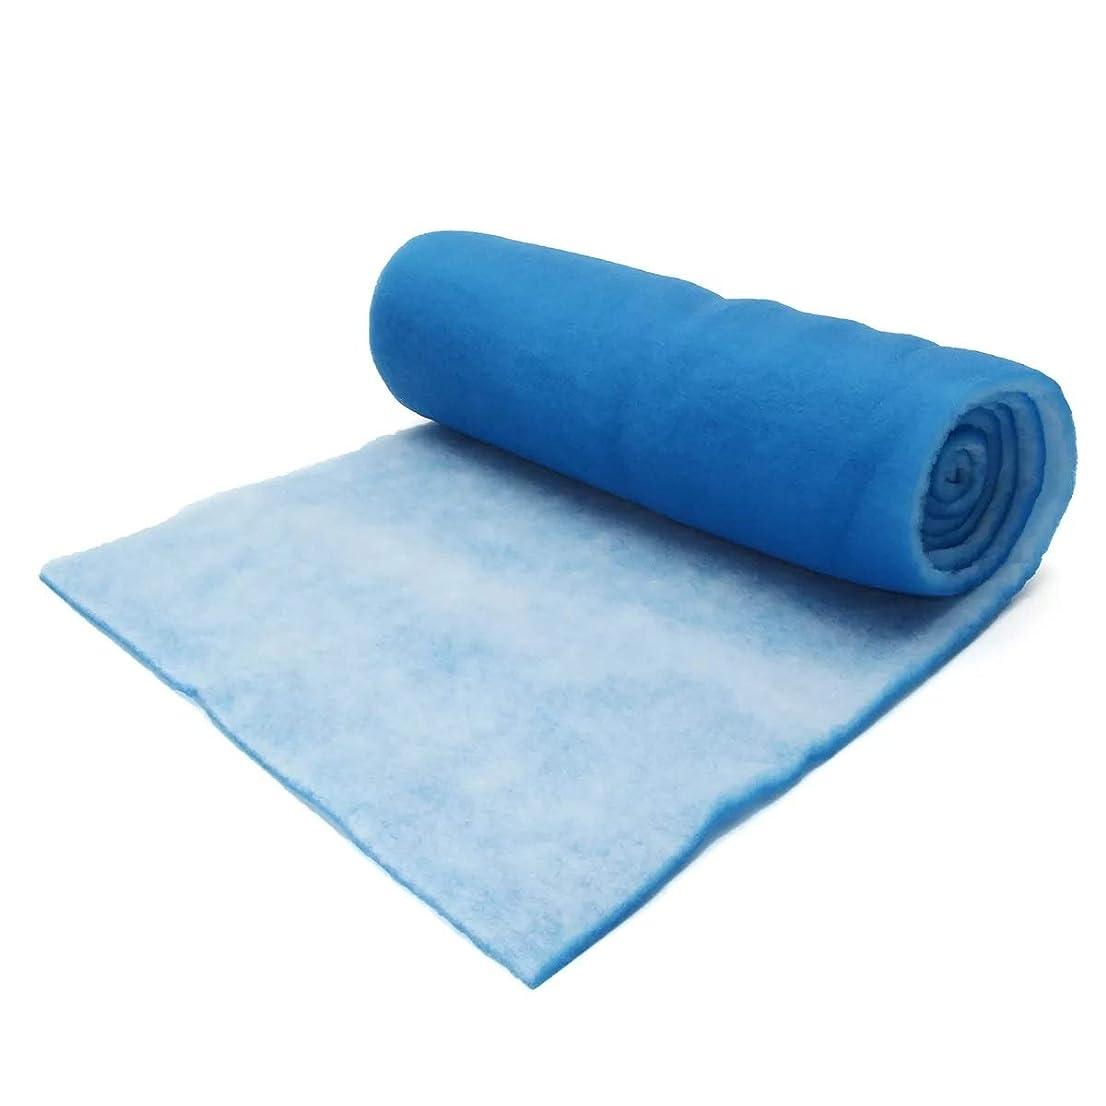 個性囲む有益なポリエステル繊維耐熱エアフィルタフォームフィルタスポンジ素材100x500x2cm フォーム